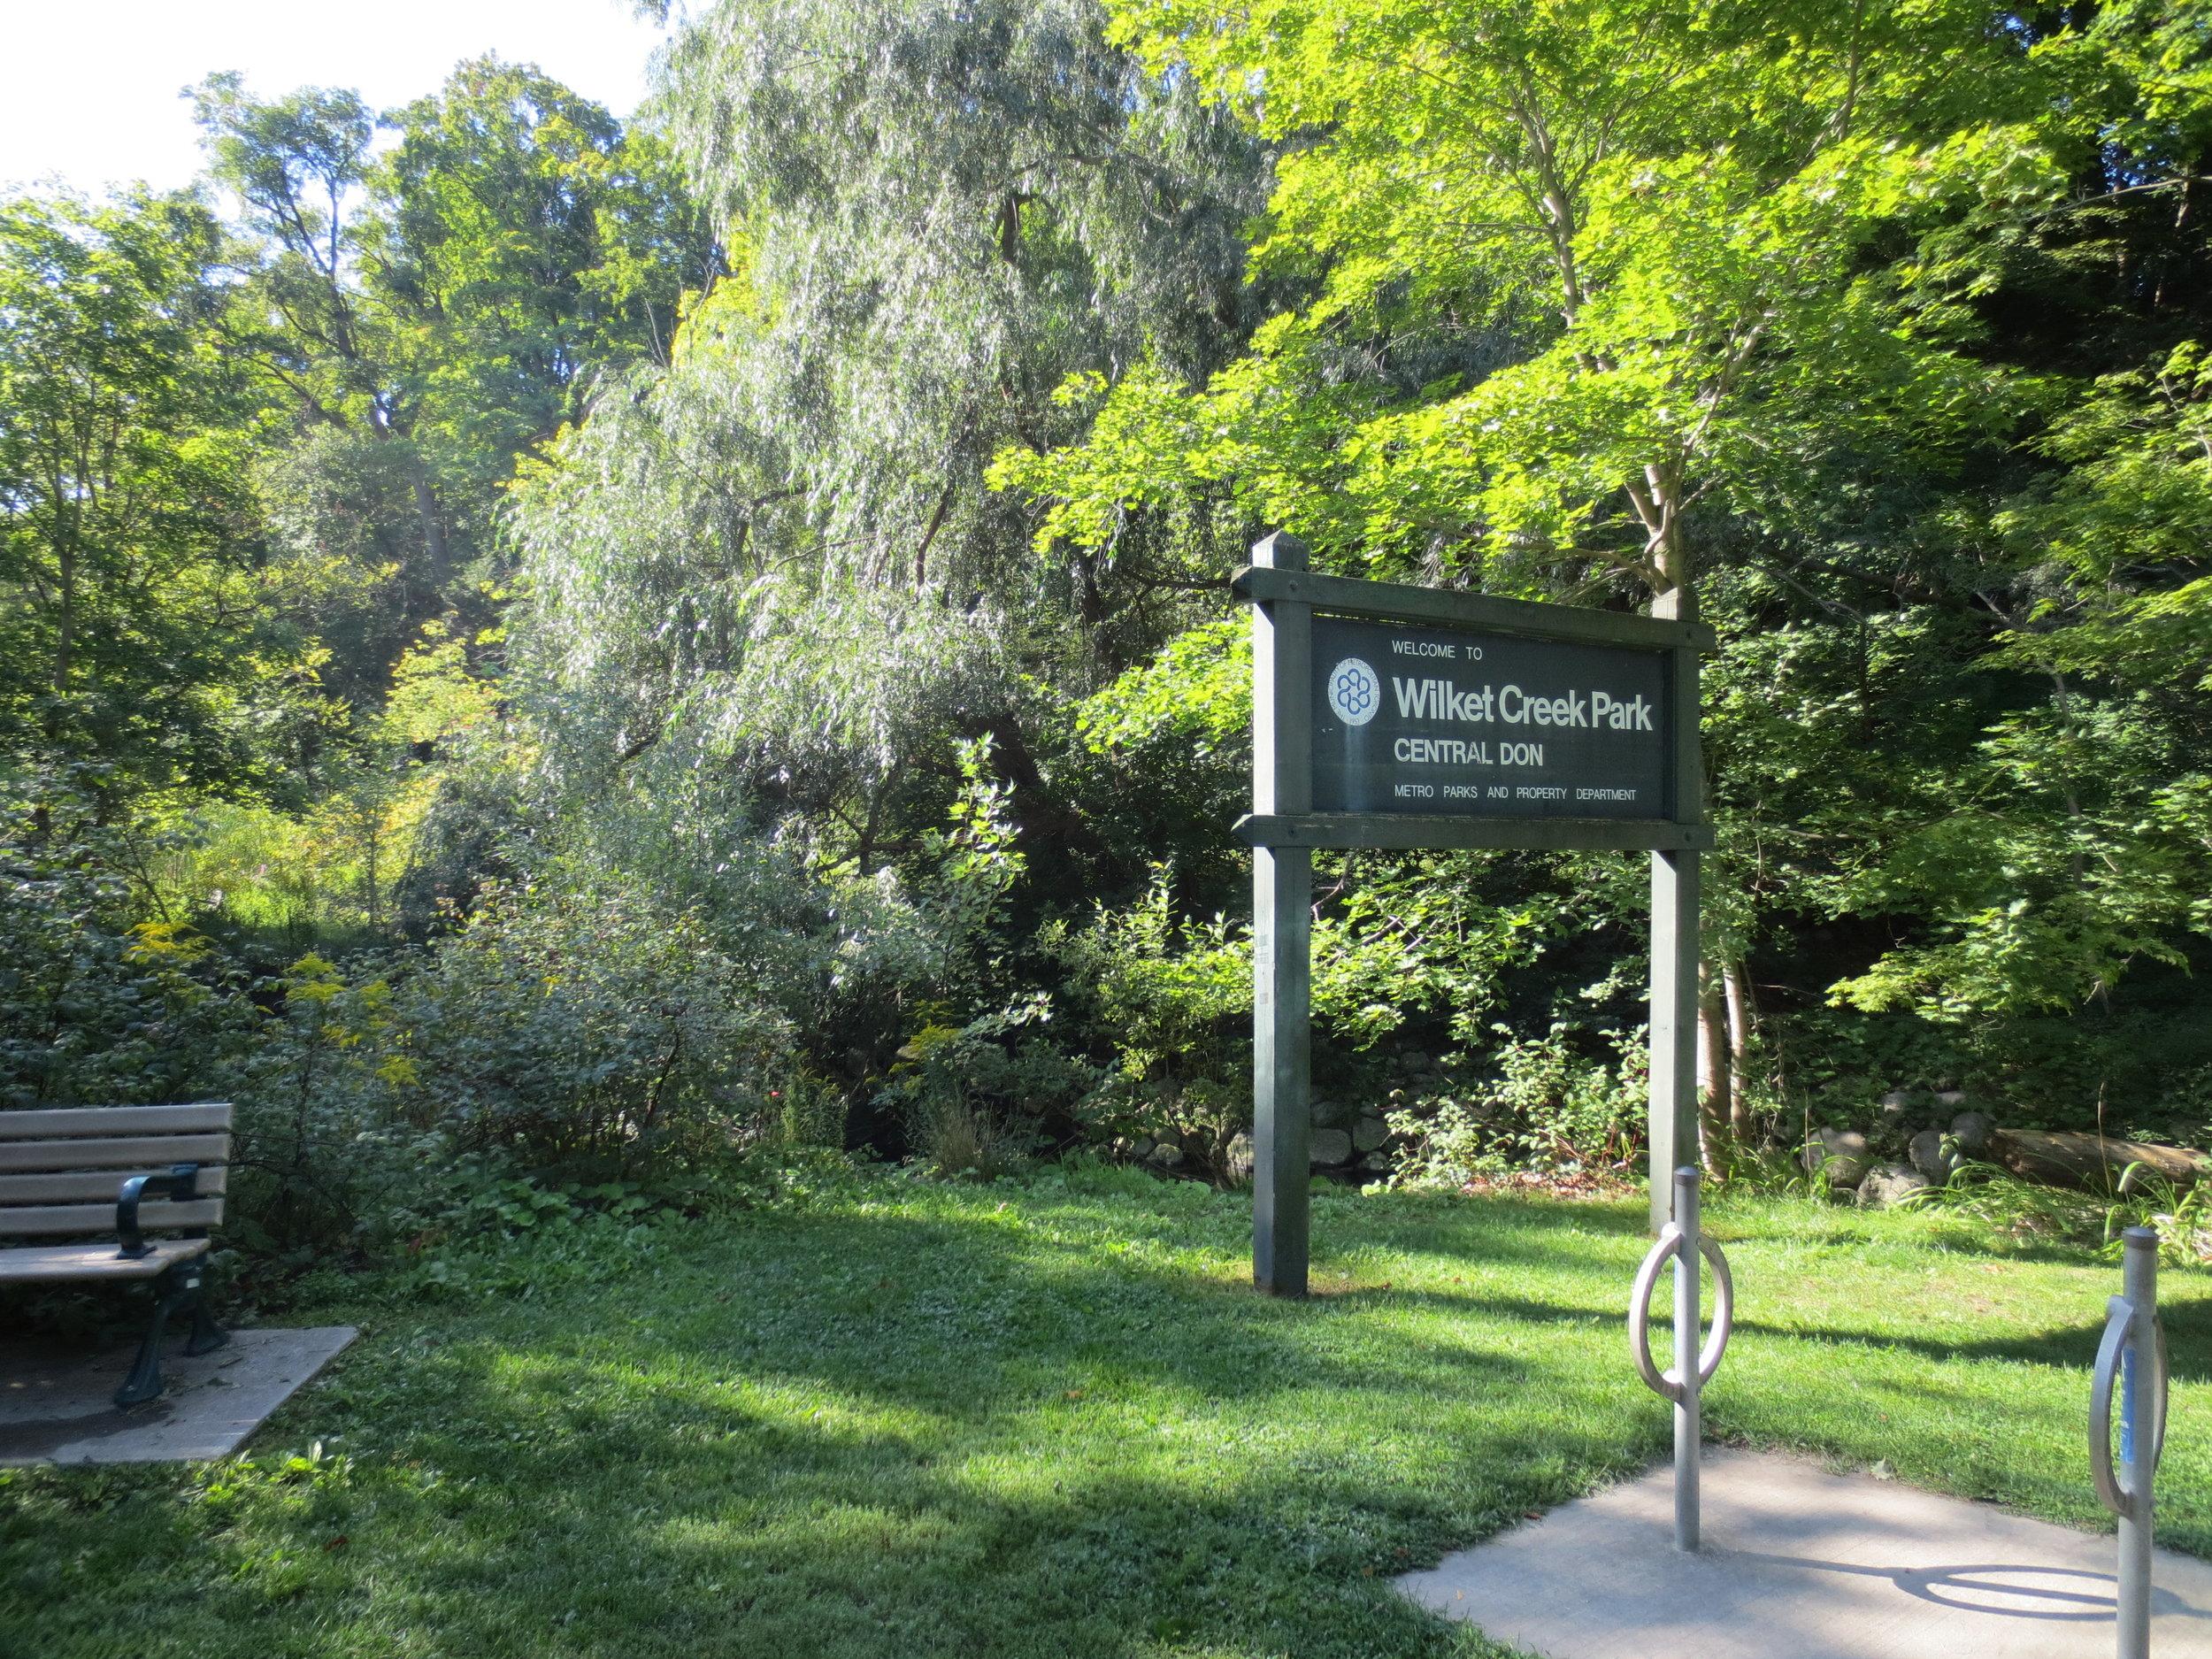 Willket Creek Sign